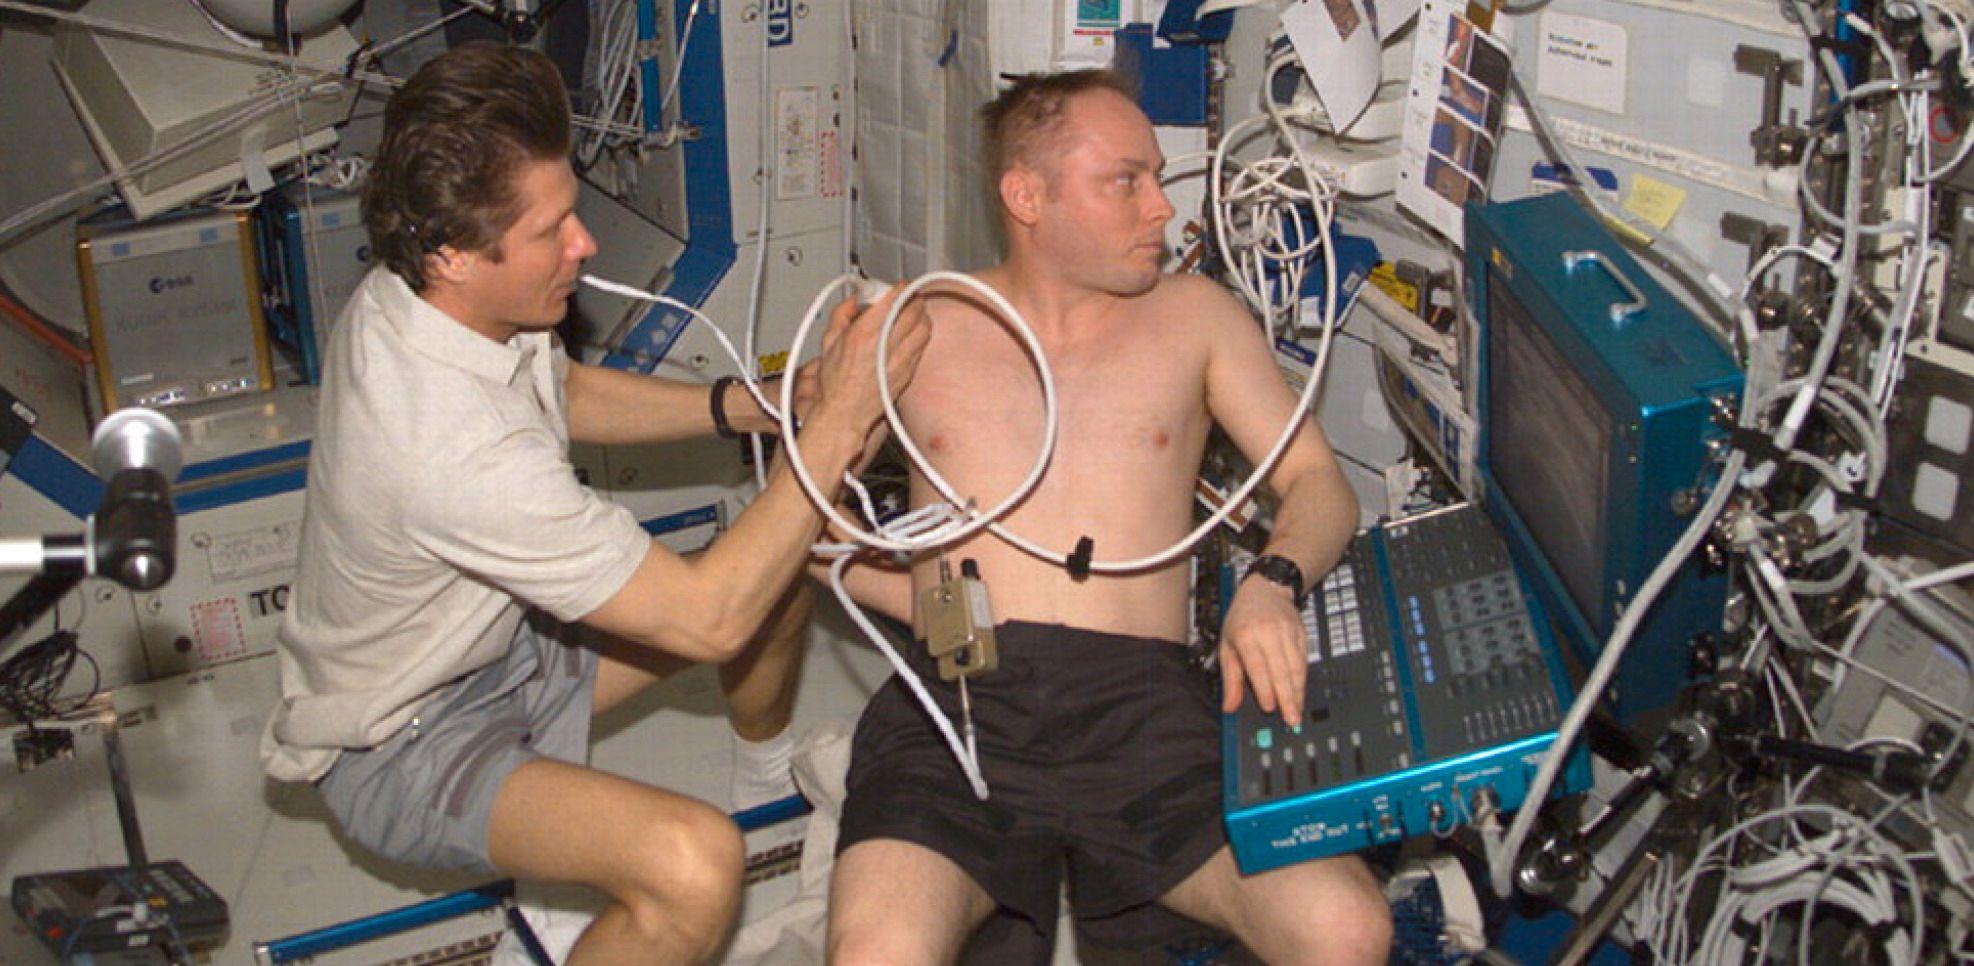 Kosmonaut Gennady Padalka gjennomfører en ultralyd-undersøkelse av astronaut Mike Fincke på ISS. Foto: NASA